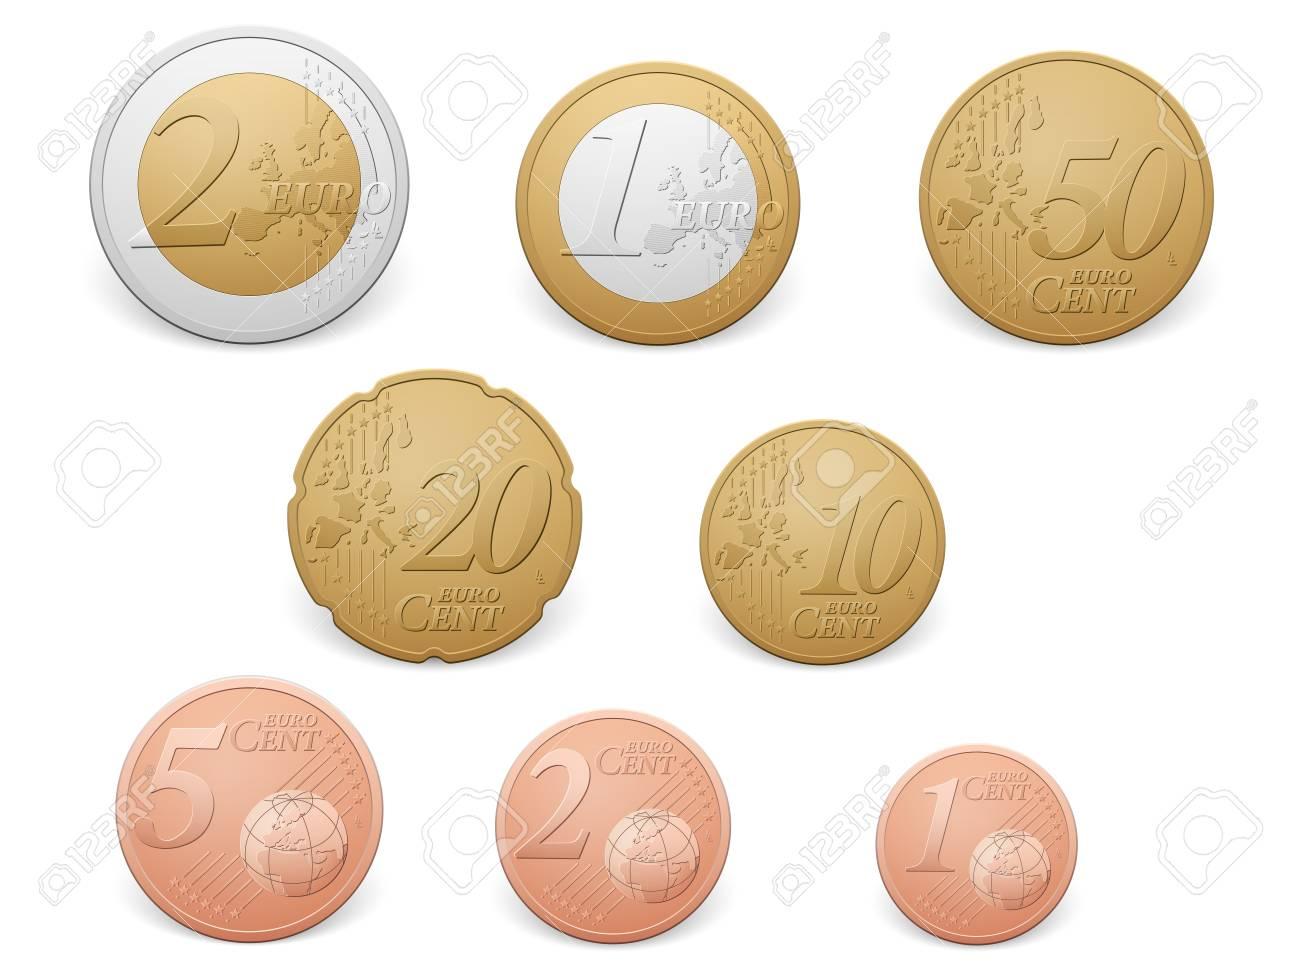 Euro coins set on a white background. - 56187184